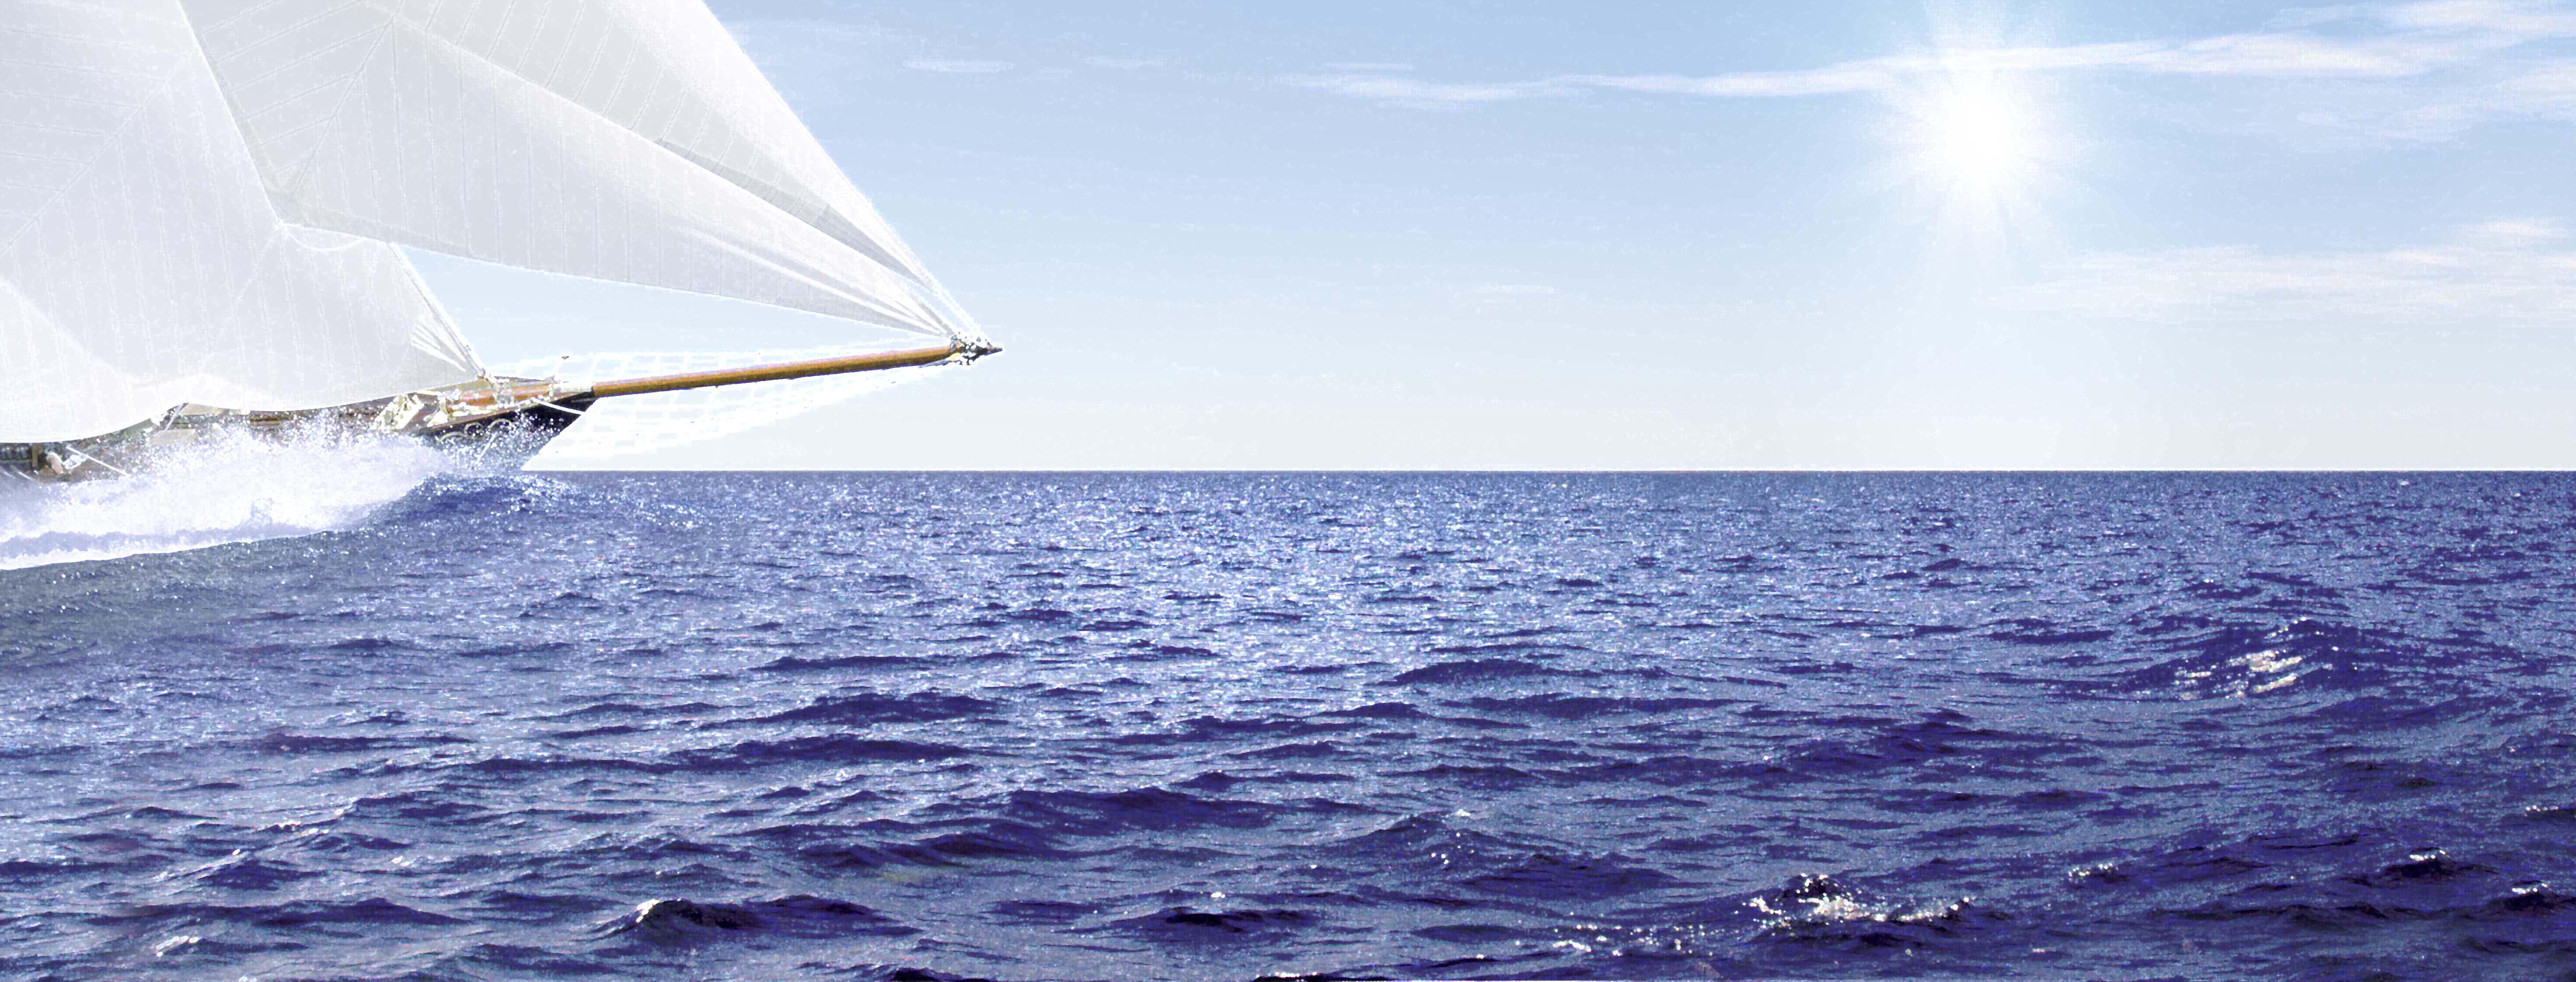 Mehr Team-Spirit auf hoher See ank achtsamer Kommunikation